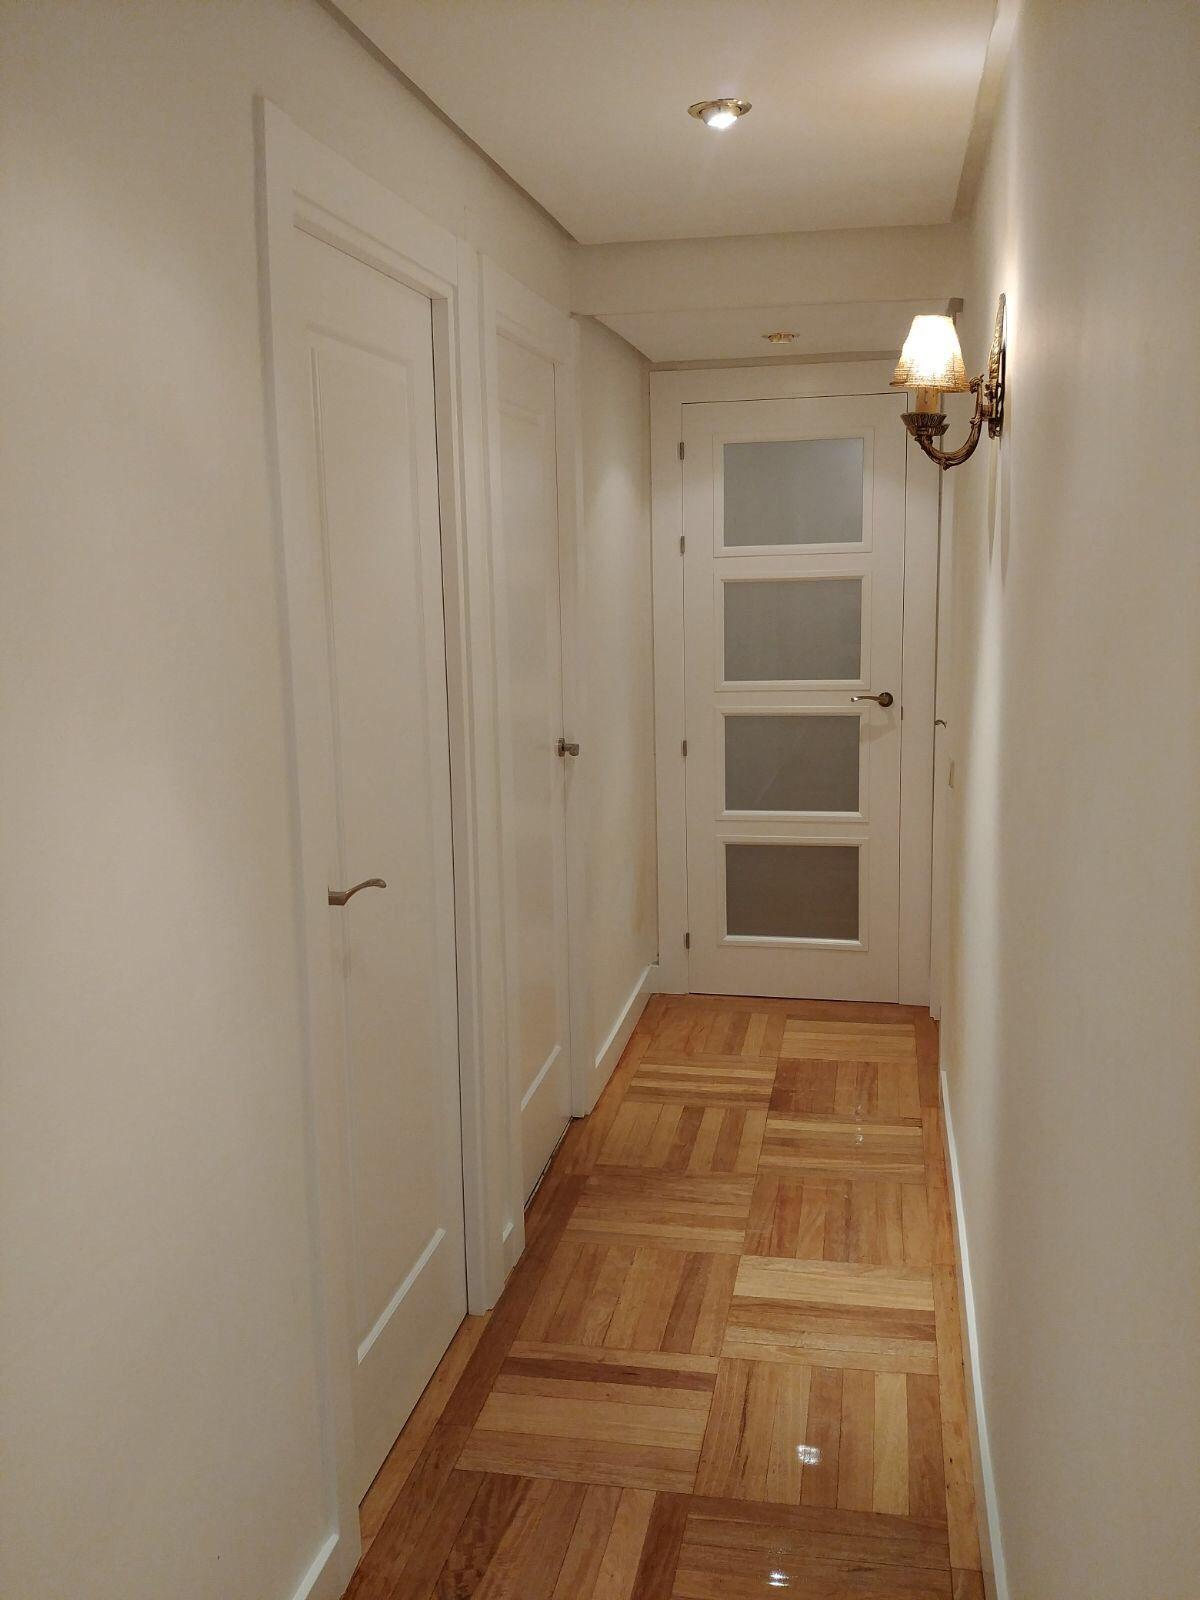 Ltima instalaci n puertas san rafael modelo 9100ar - Pintar puertas de madera en blanco ...